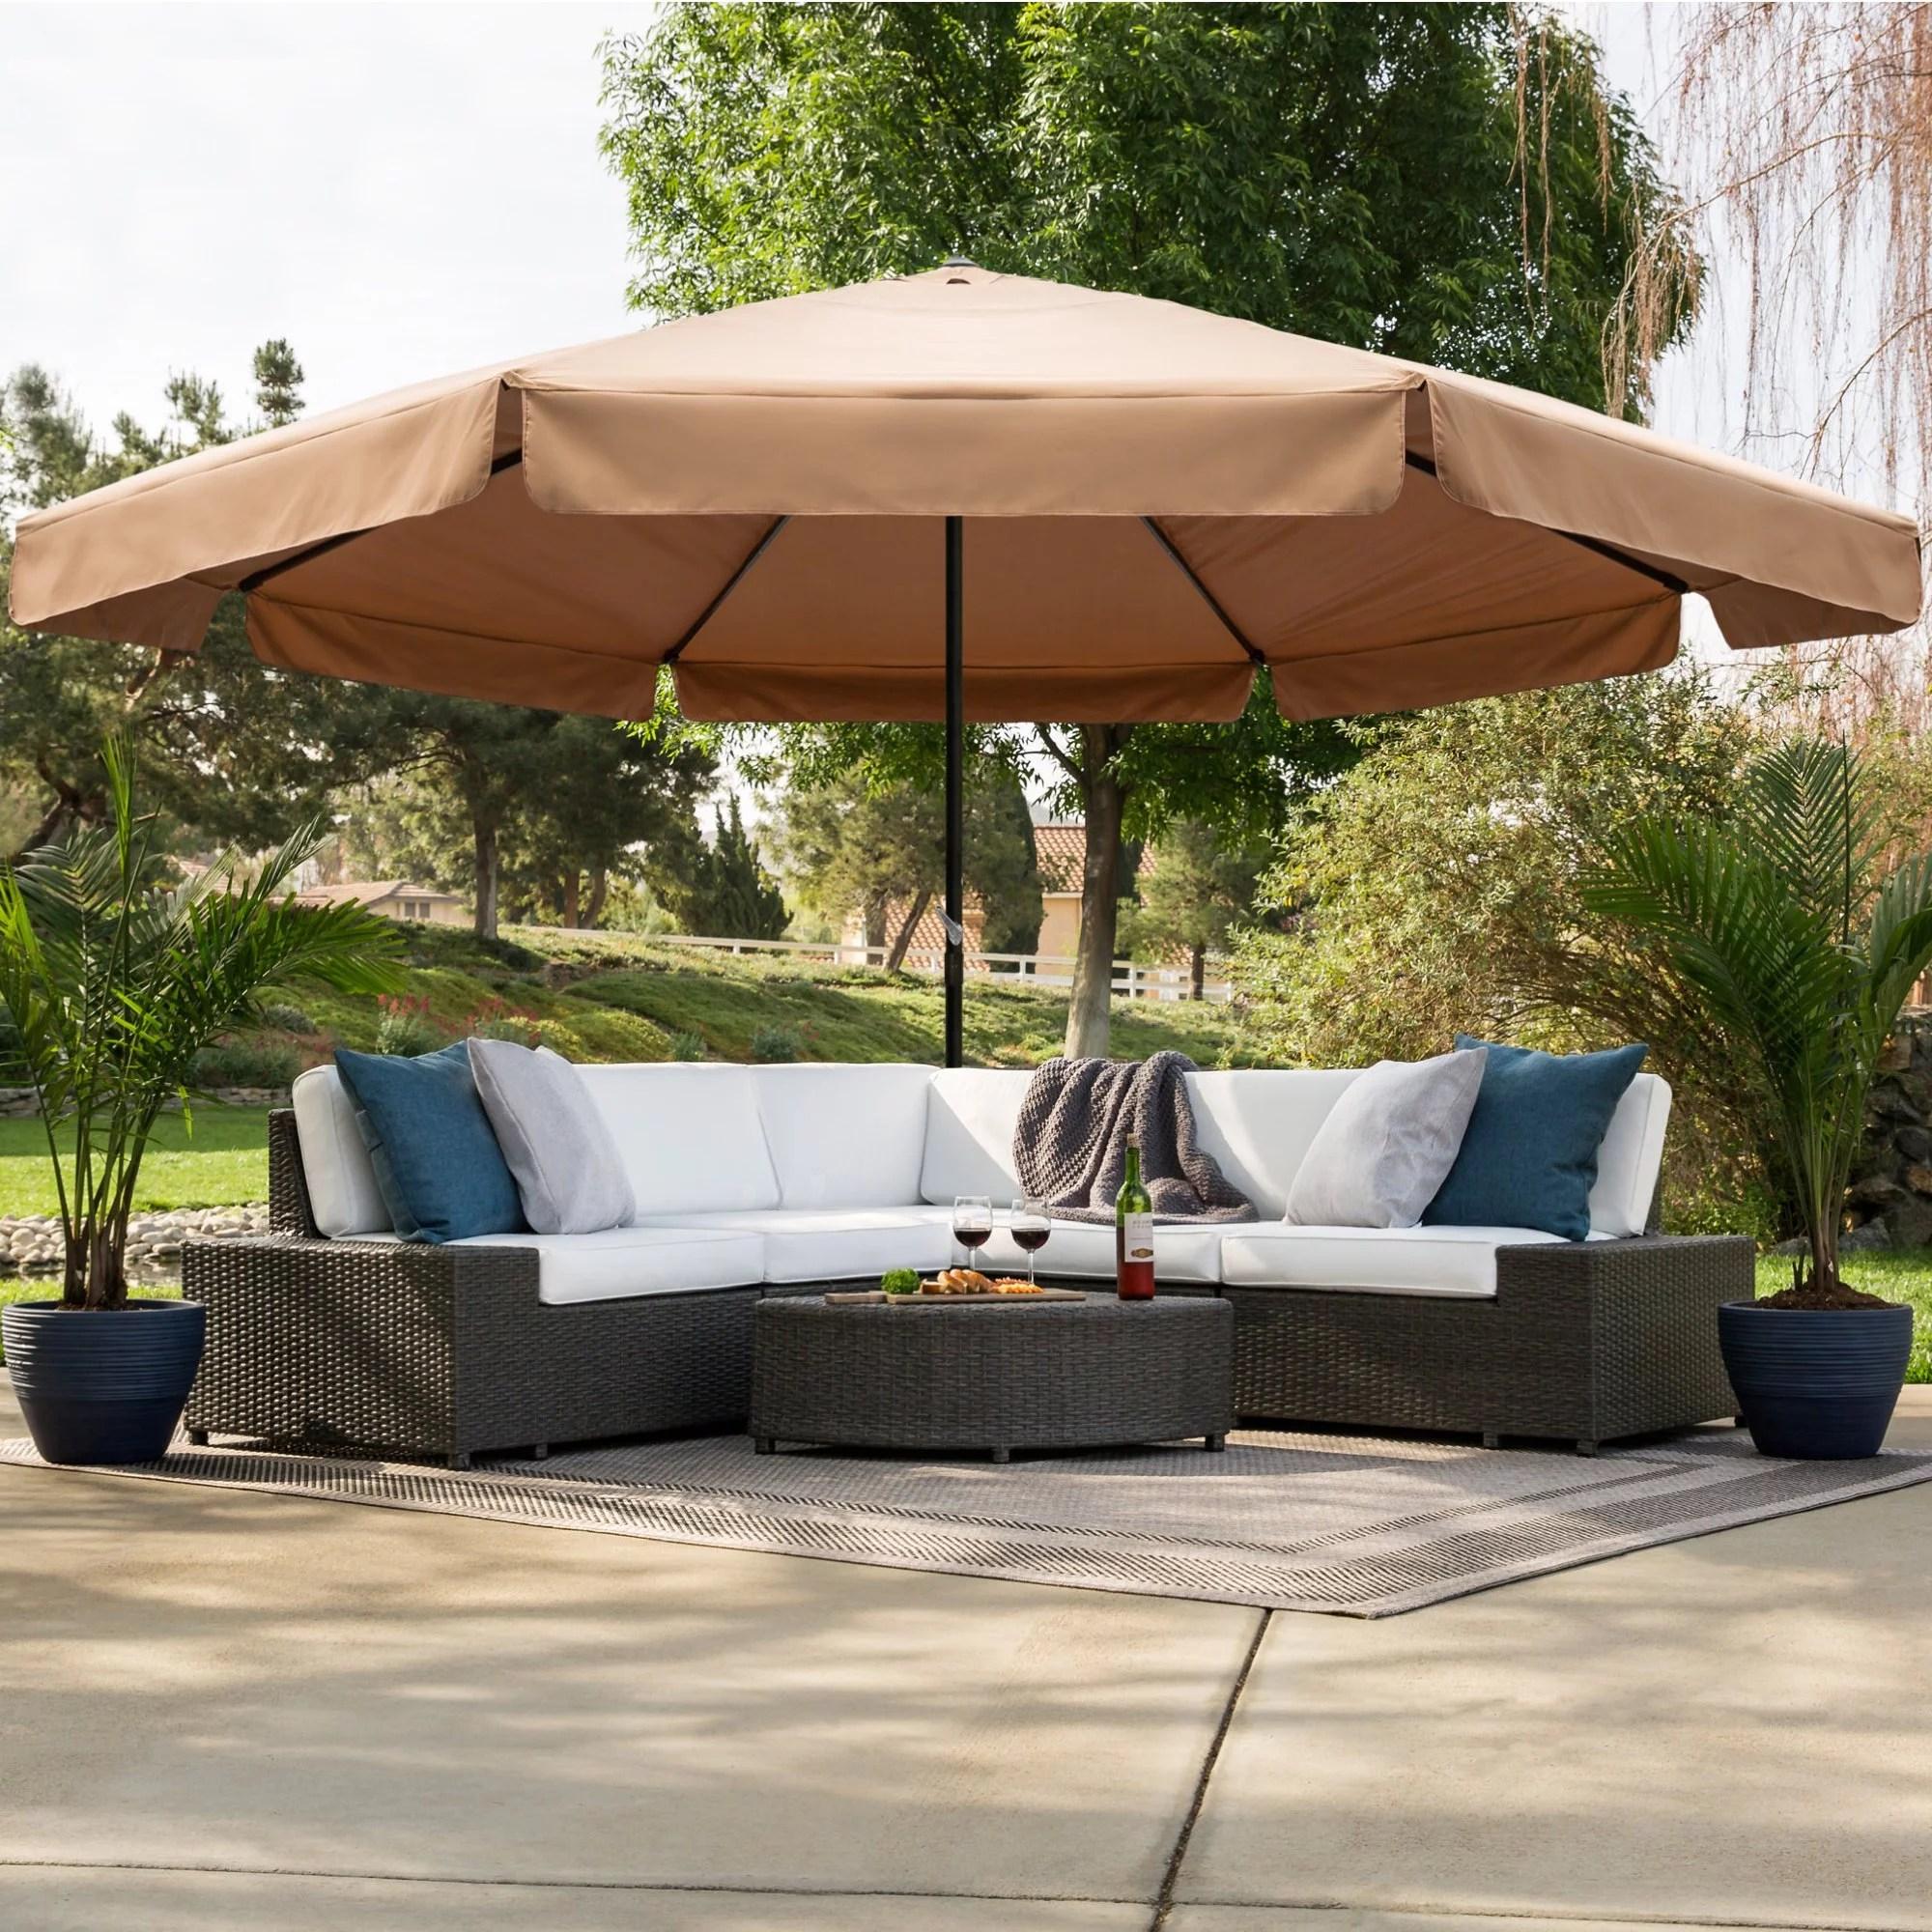 best outdoor umbrellas 2020